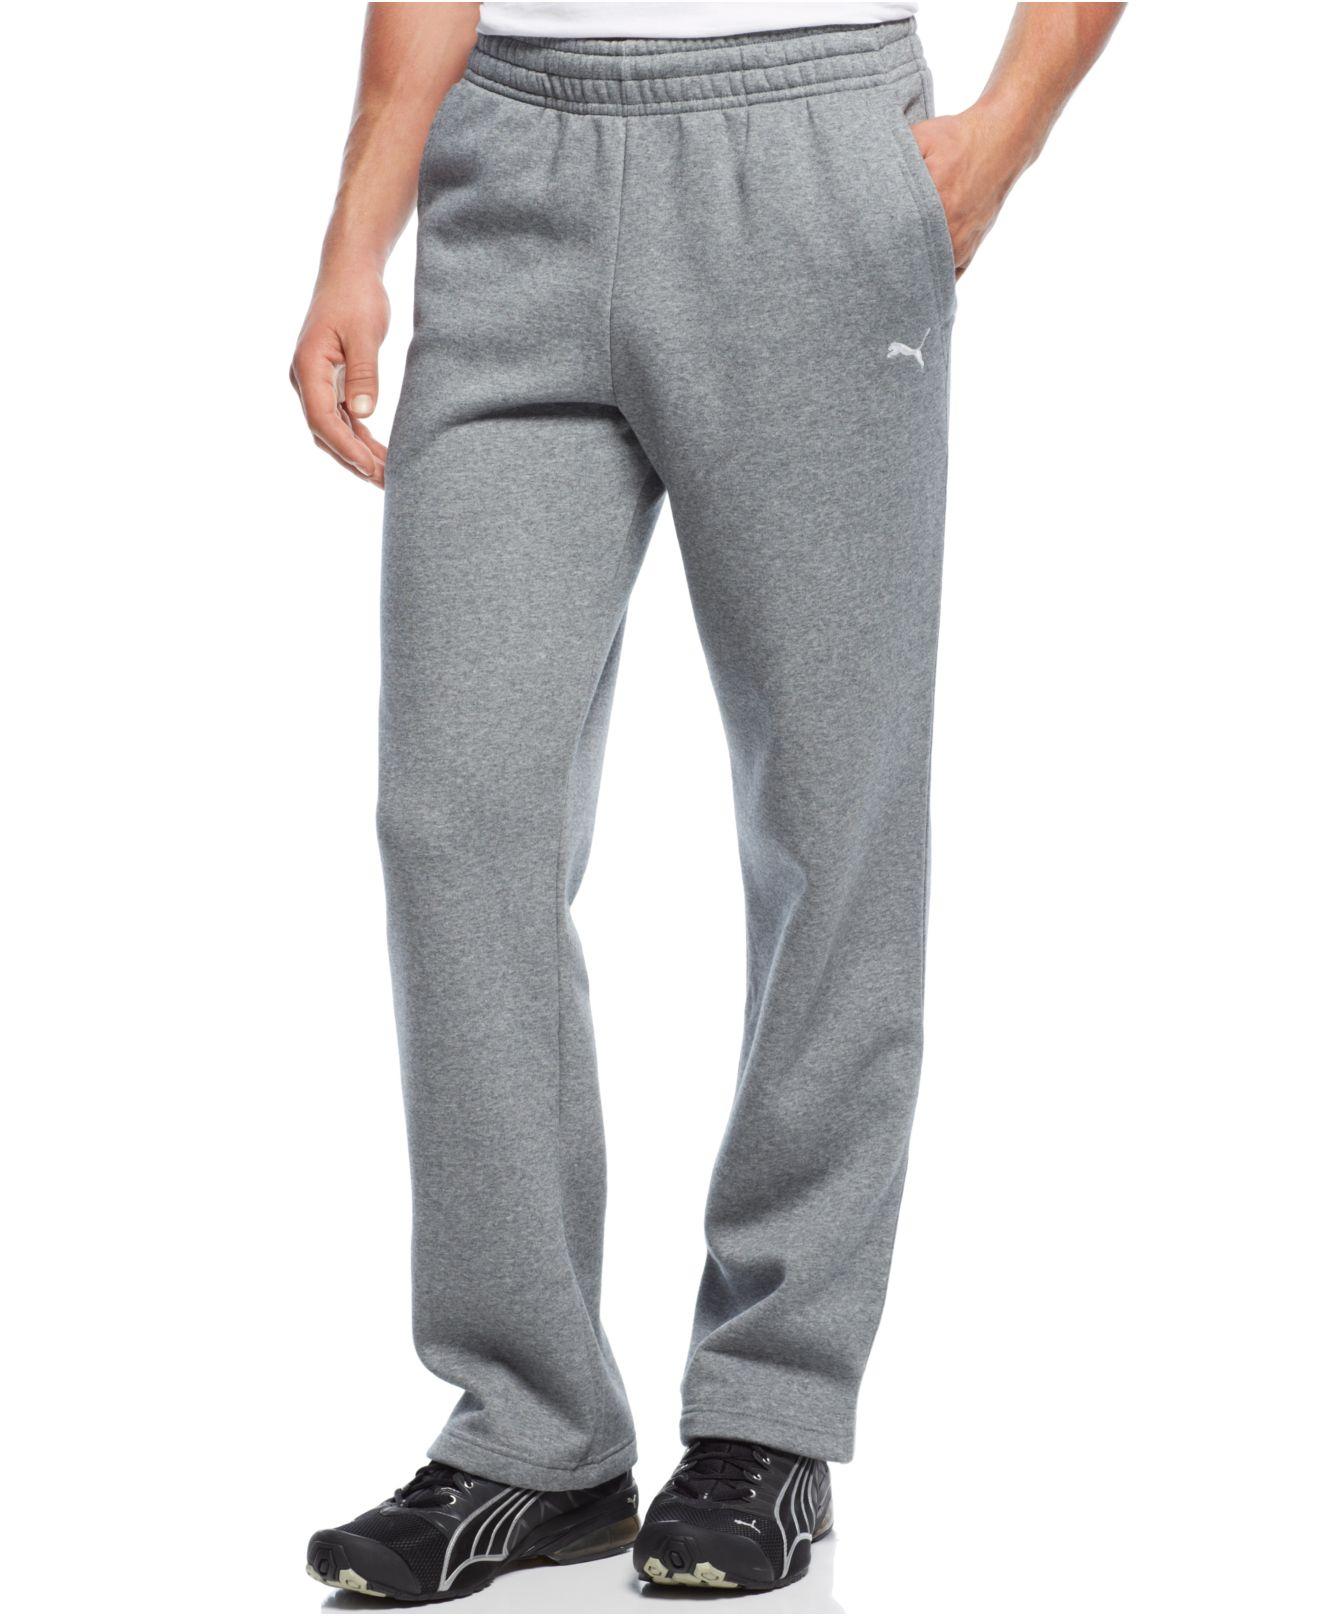 540eca673a76 Lyst puma men drawstring fleece sweatpants in gray for men jpg 1320x1616 Mens  pants puma open